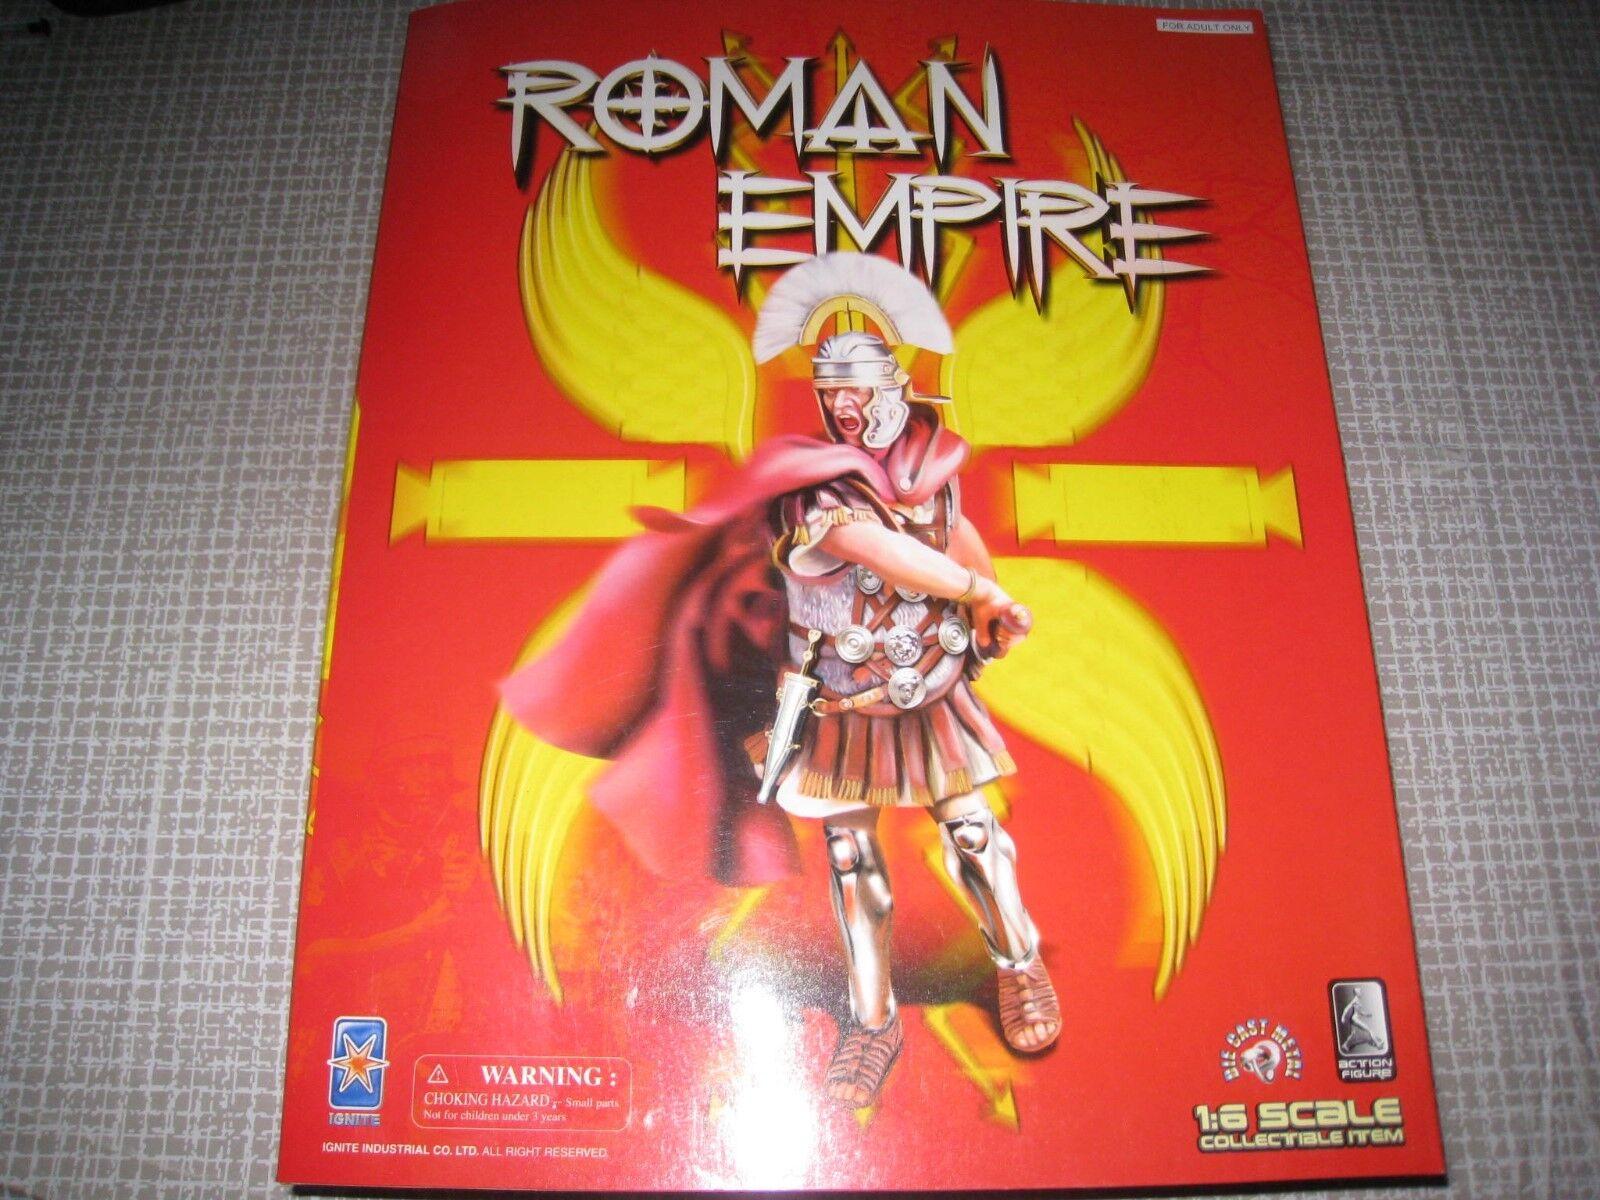 Legionnair romain echelle 1 6°rque IGNITE